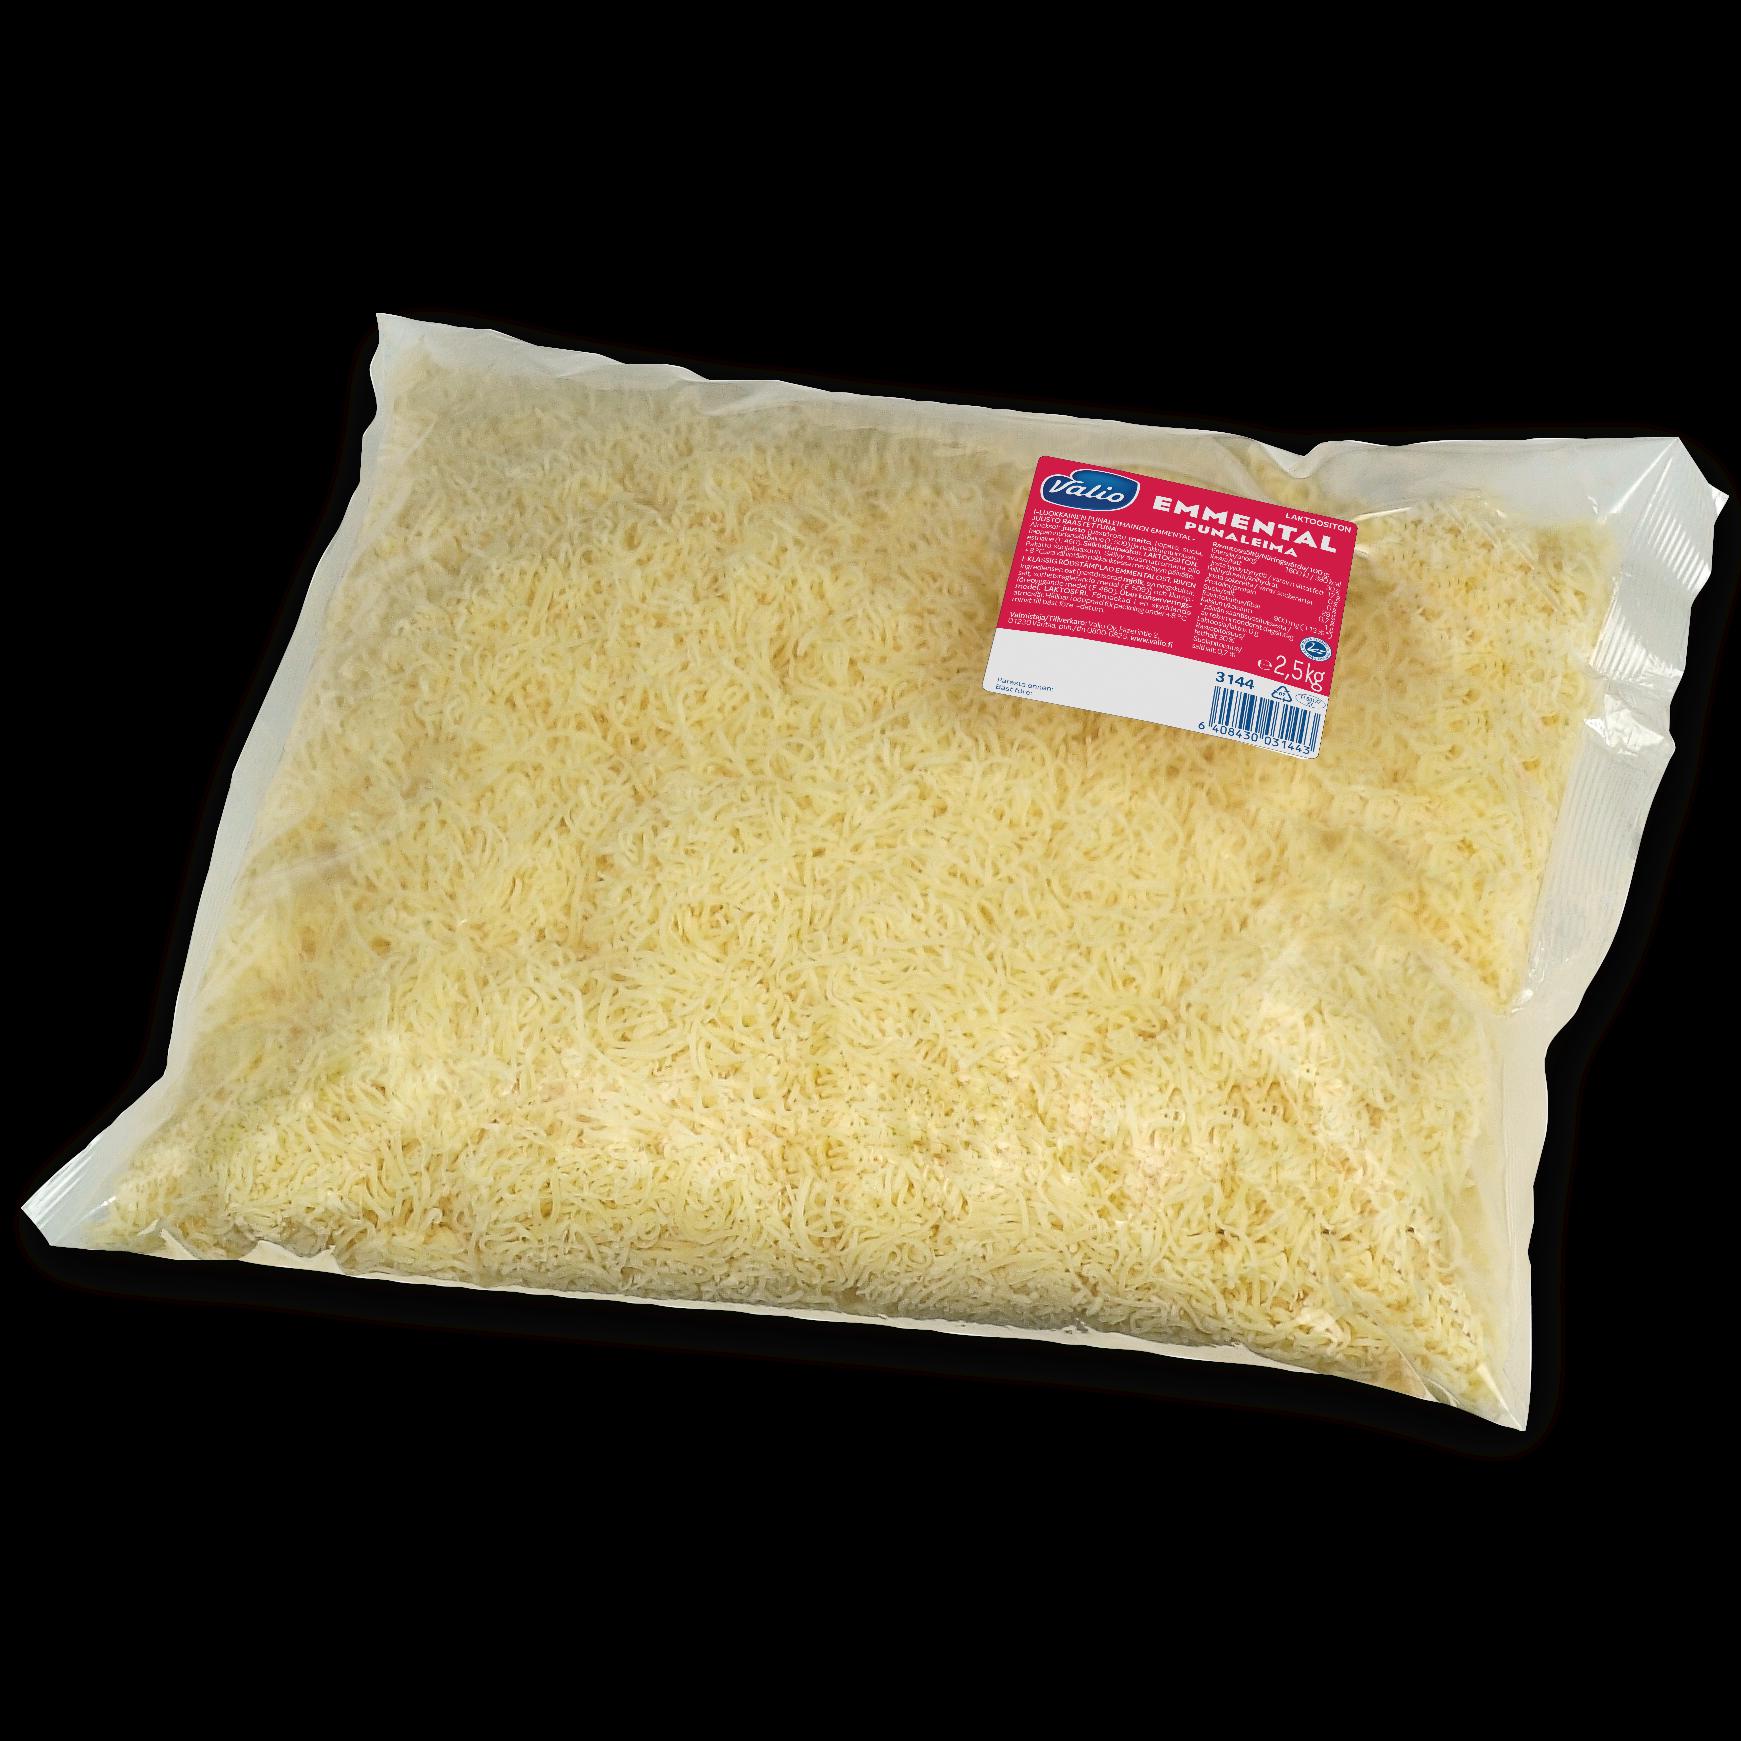 Valio Emmental punaleima juustoraaste